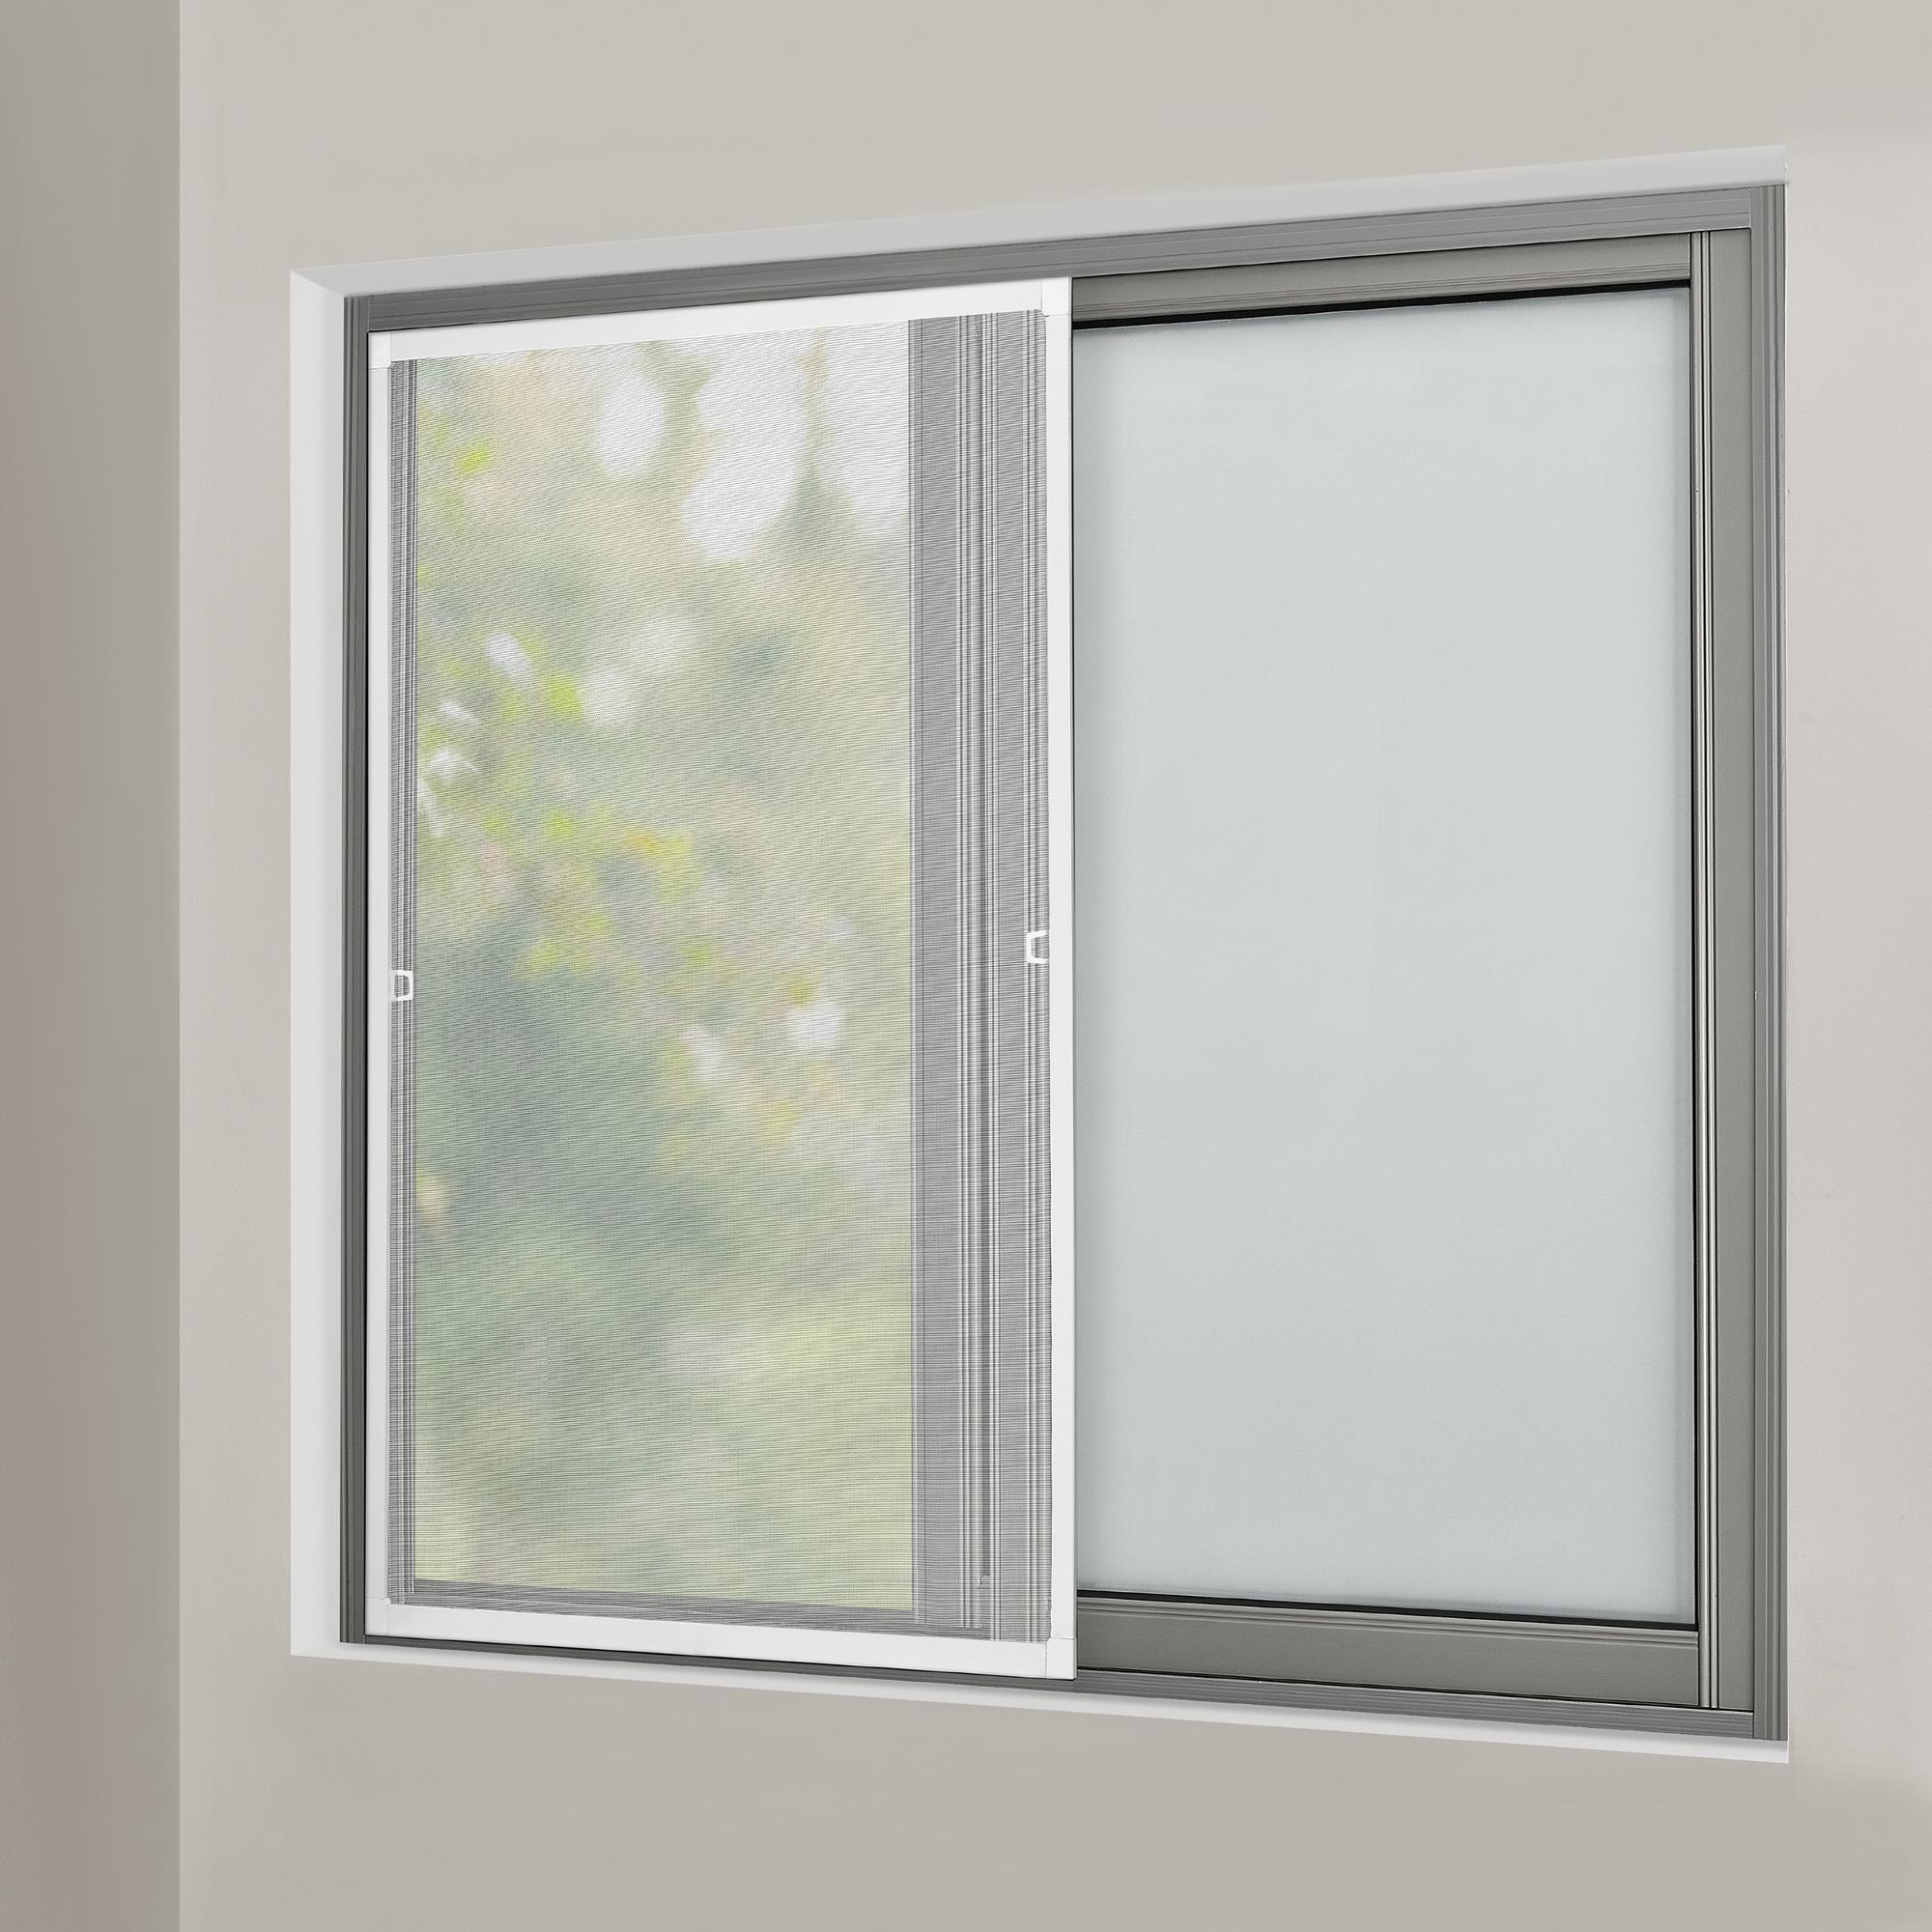 Zanzariera telaio alluminio protezione insetti porta finestra griglia ebay - Griglia regolabile protezione finestre ...